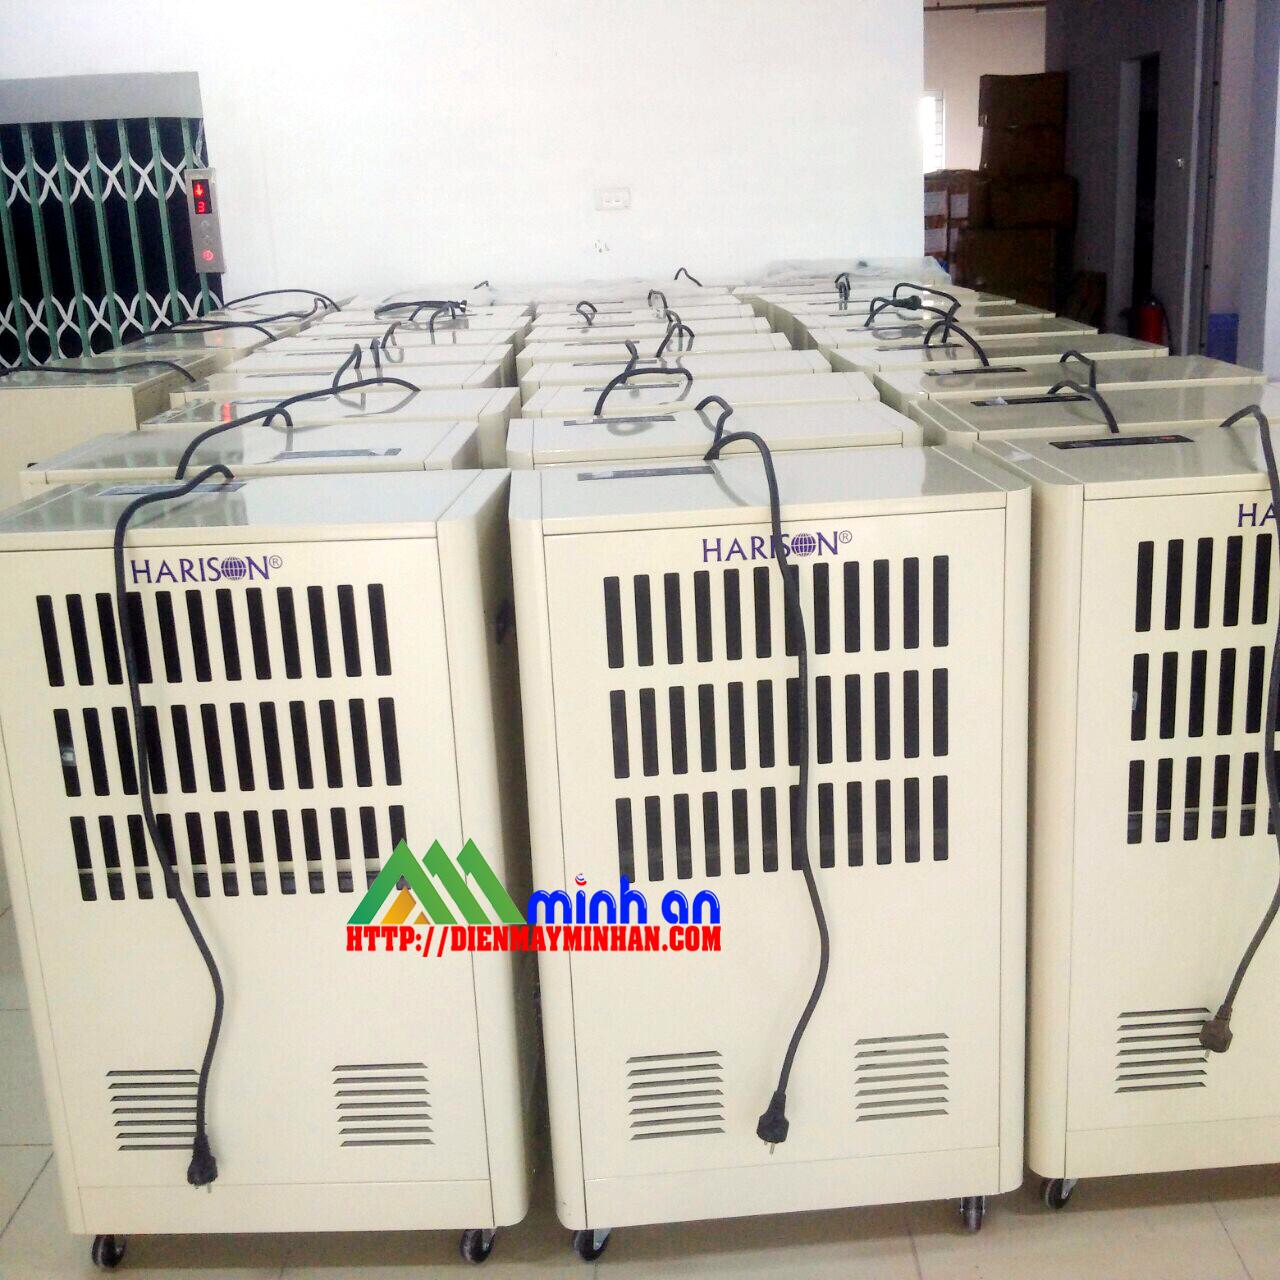 Bán máy hút ẩm công nghiệp Harison HD-150B tại Bắc Ninh giá tốt